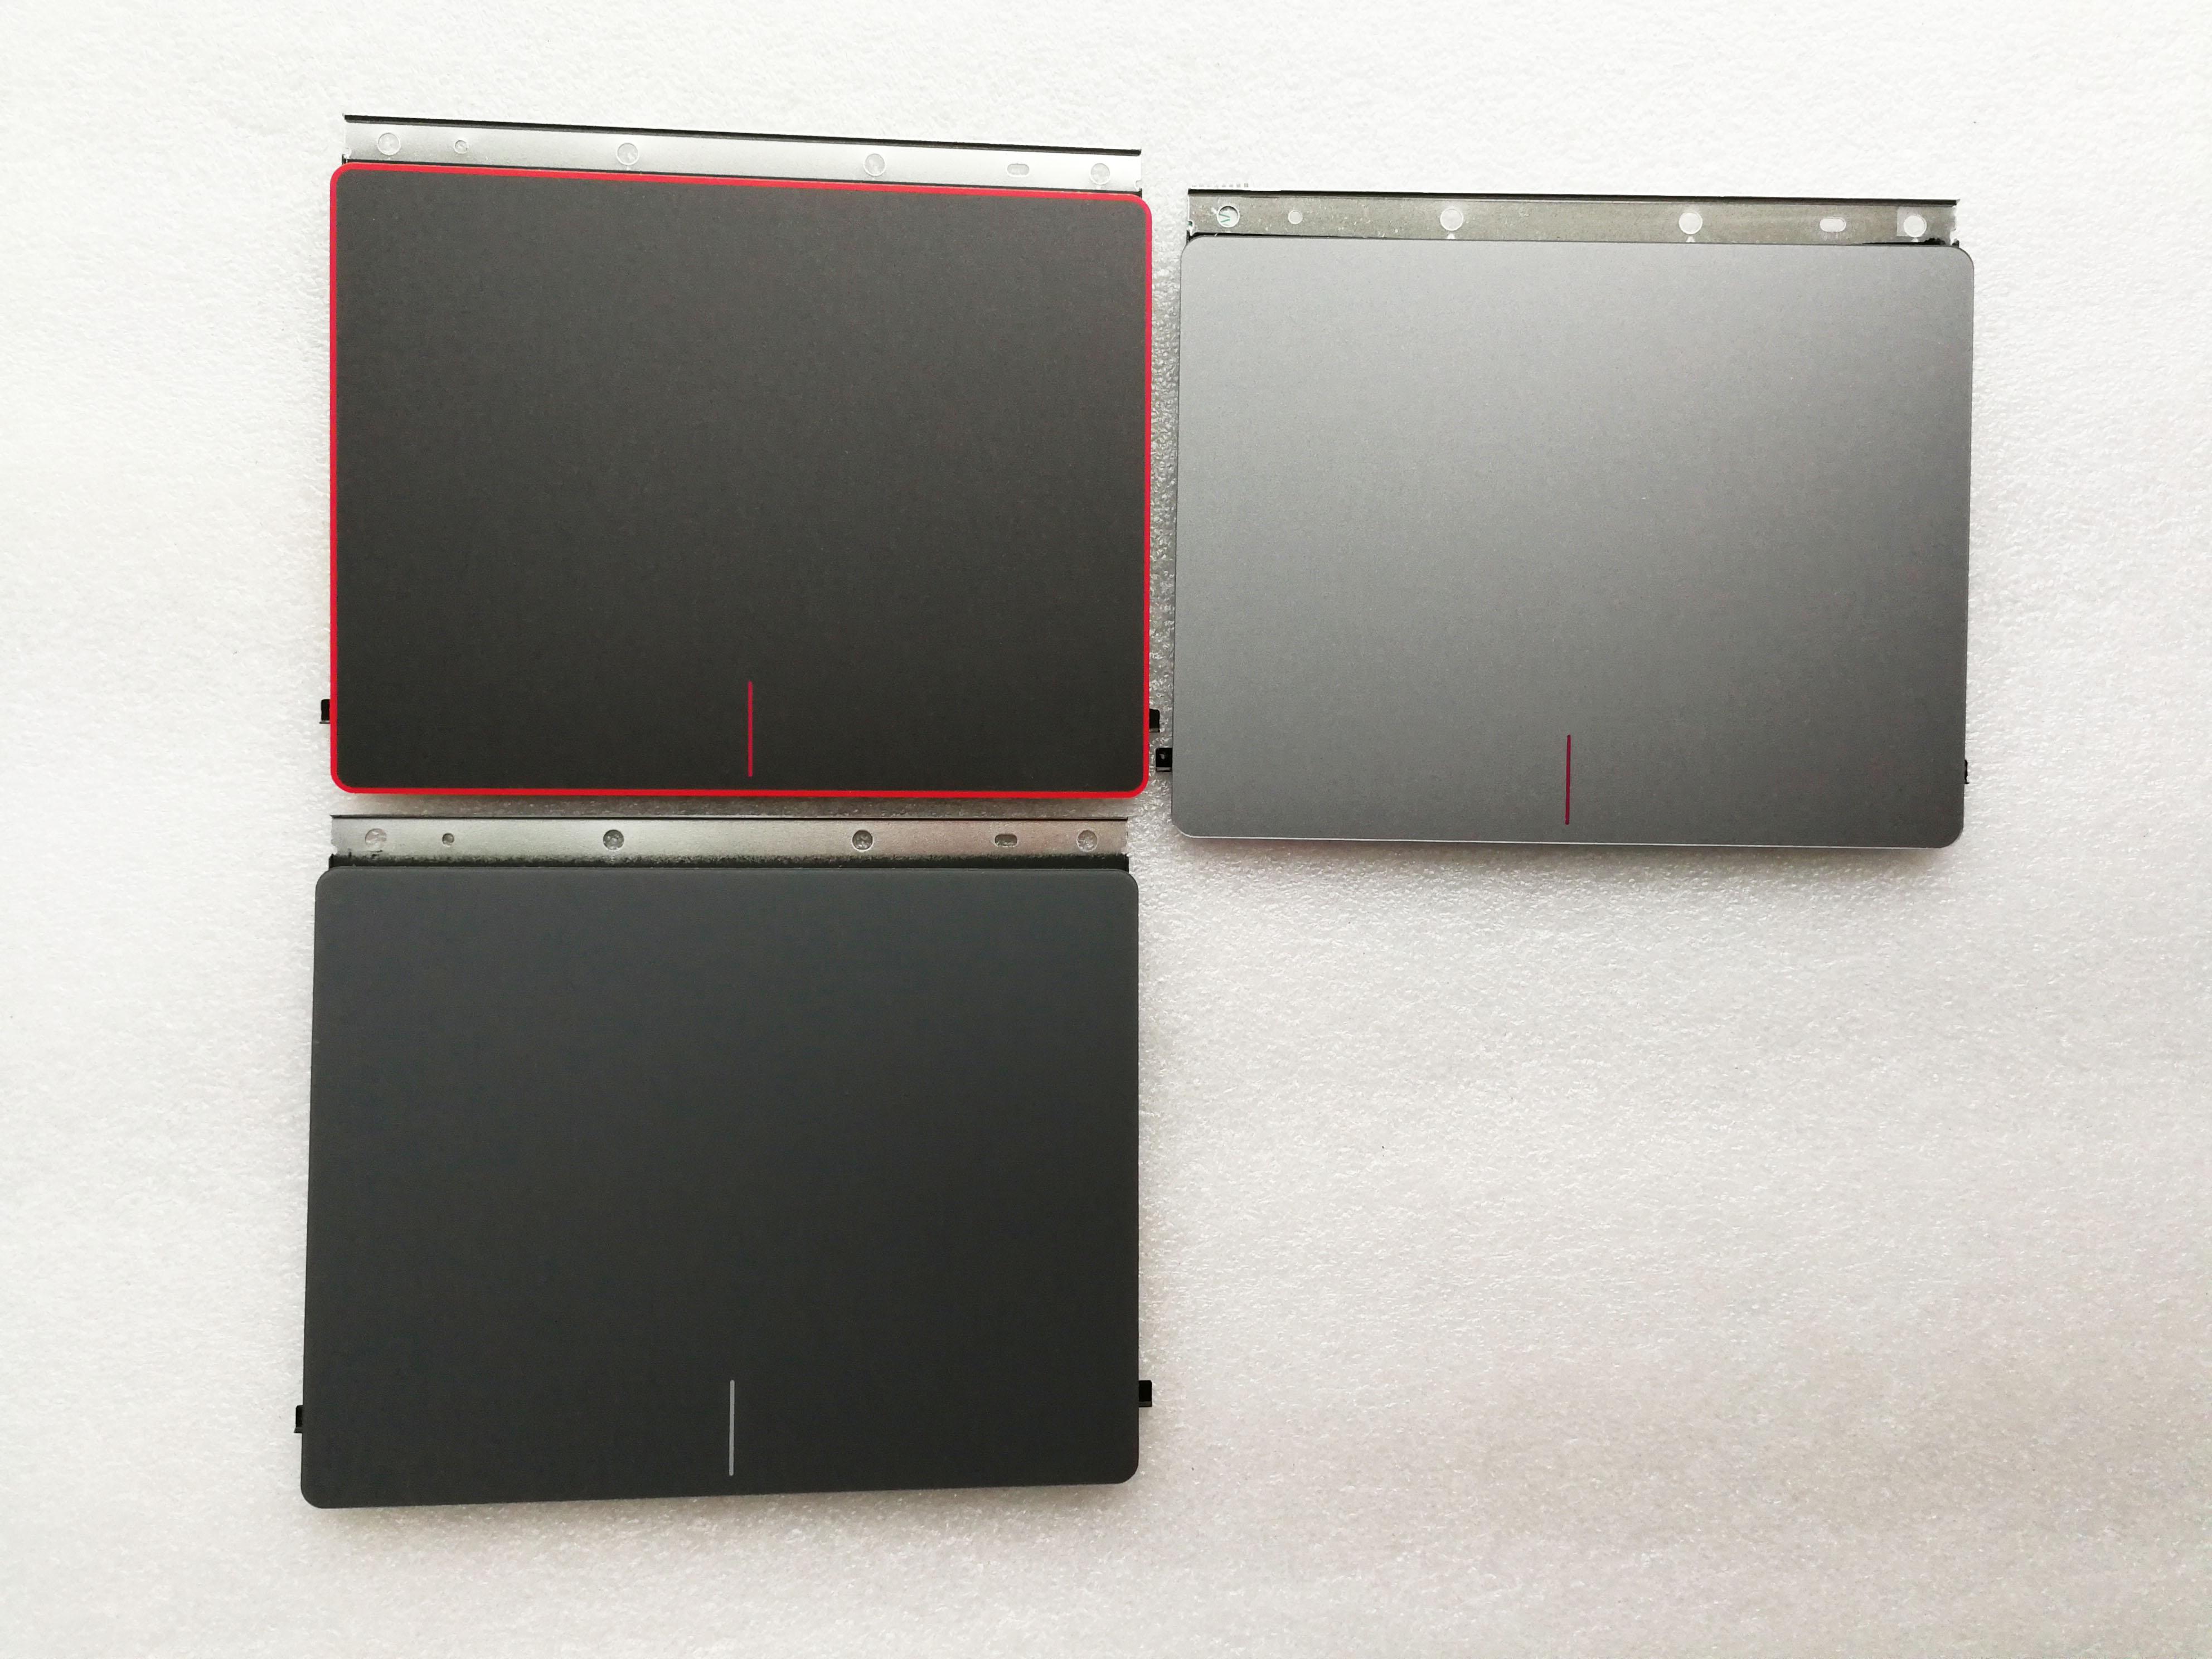 15 original para dell Vostro 5000 5568 7567 7566 7587 placa do botão do mouse touchpad 0PYGCR PYGCR TM-P3240 920-003235-01REV1